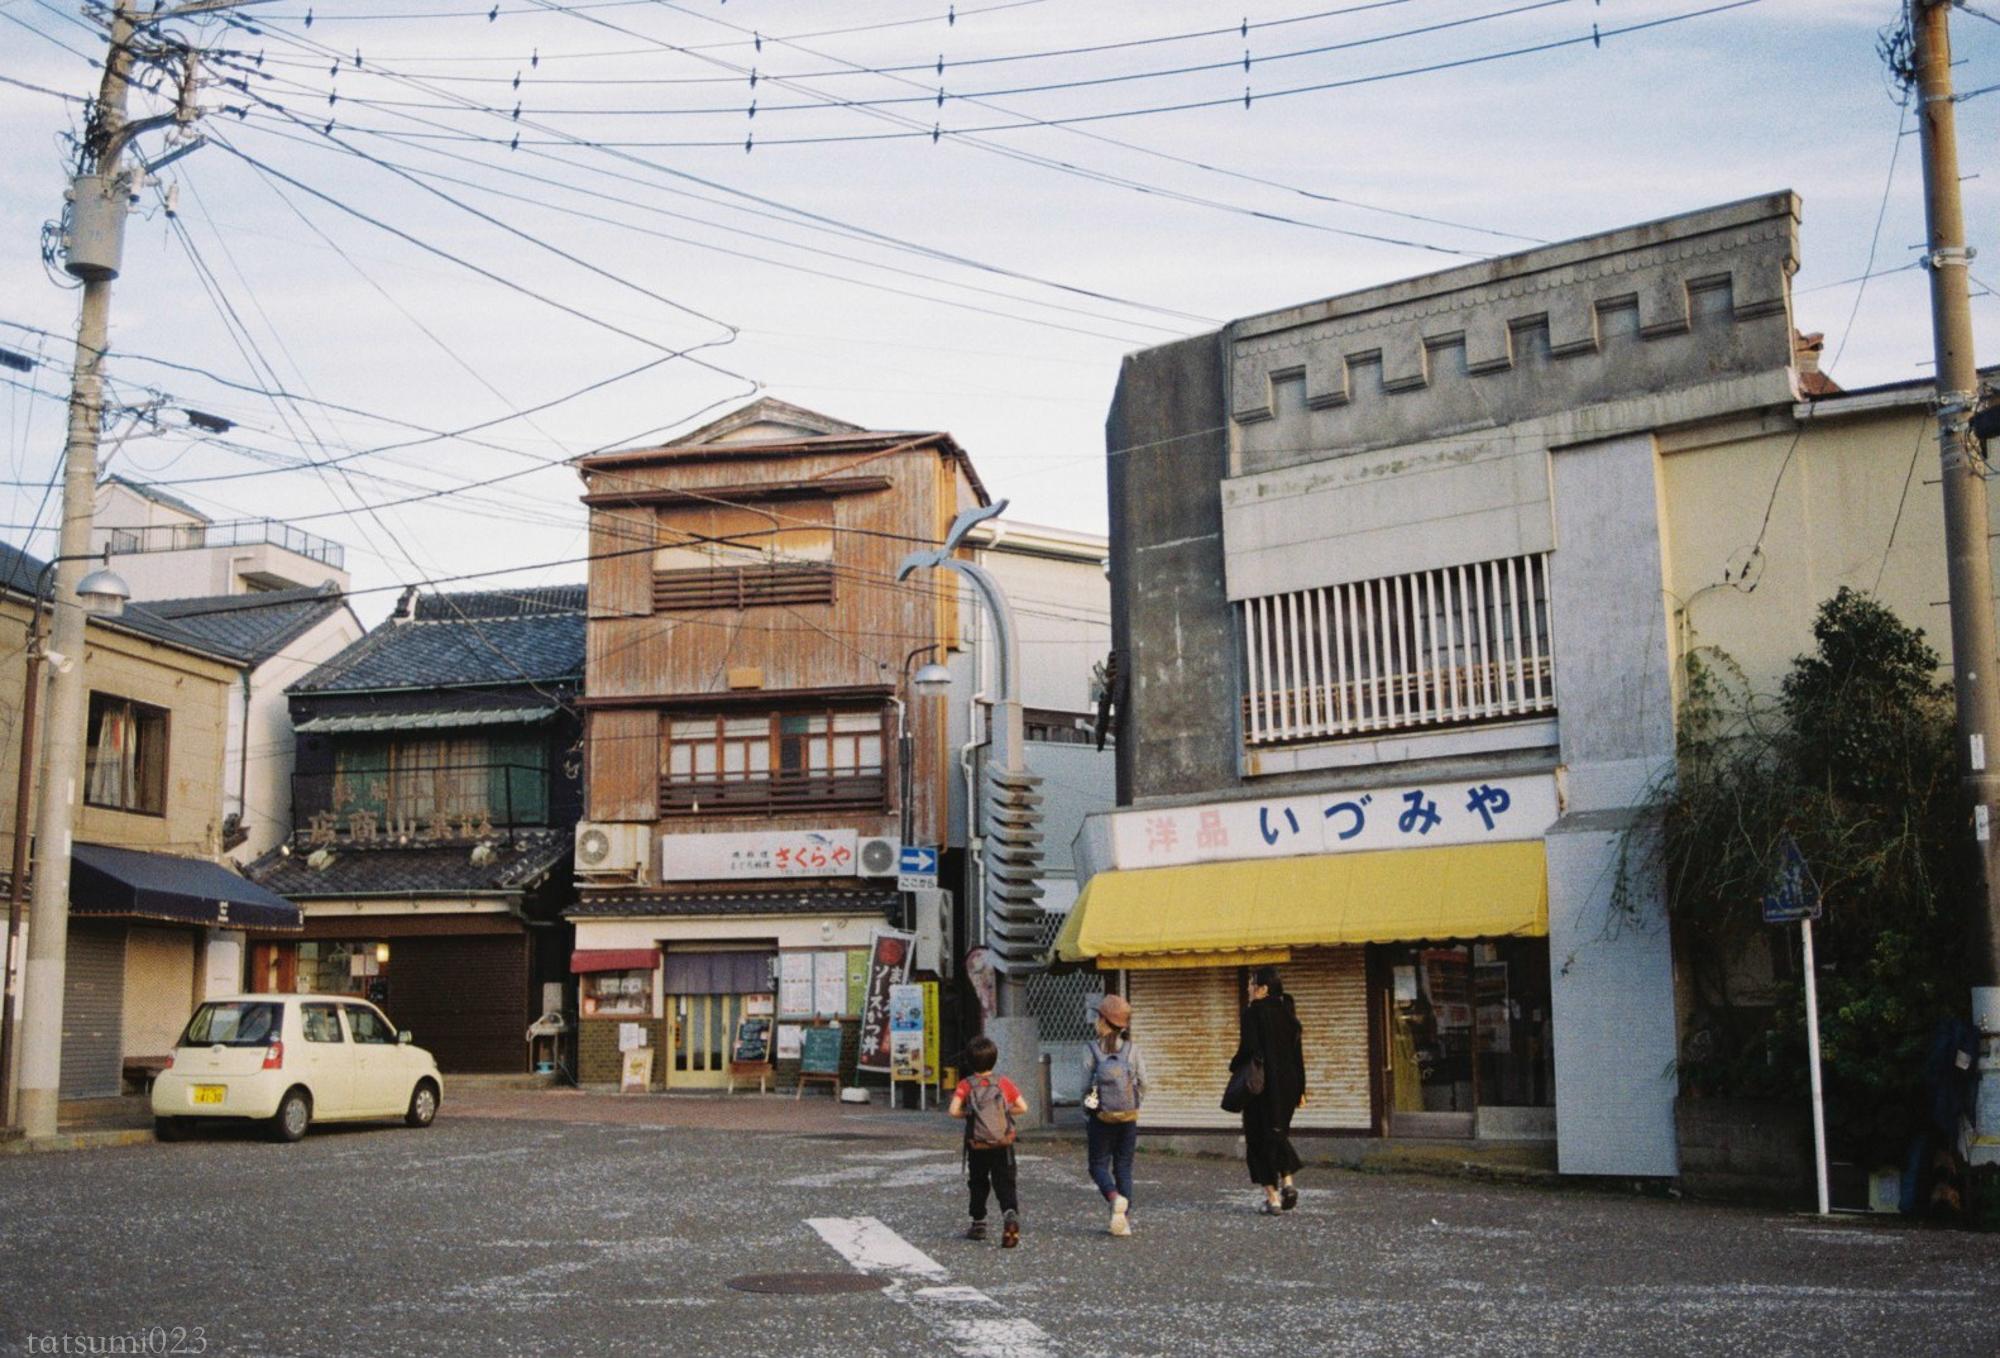 f:id:tatsumi023:20190118094334j:plain